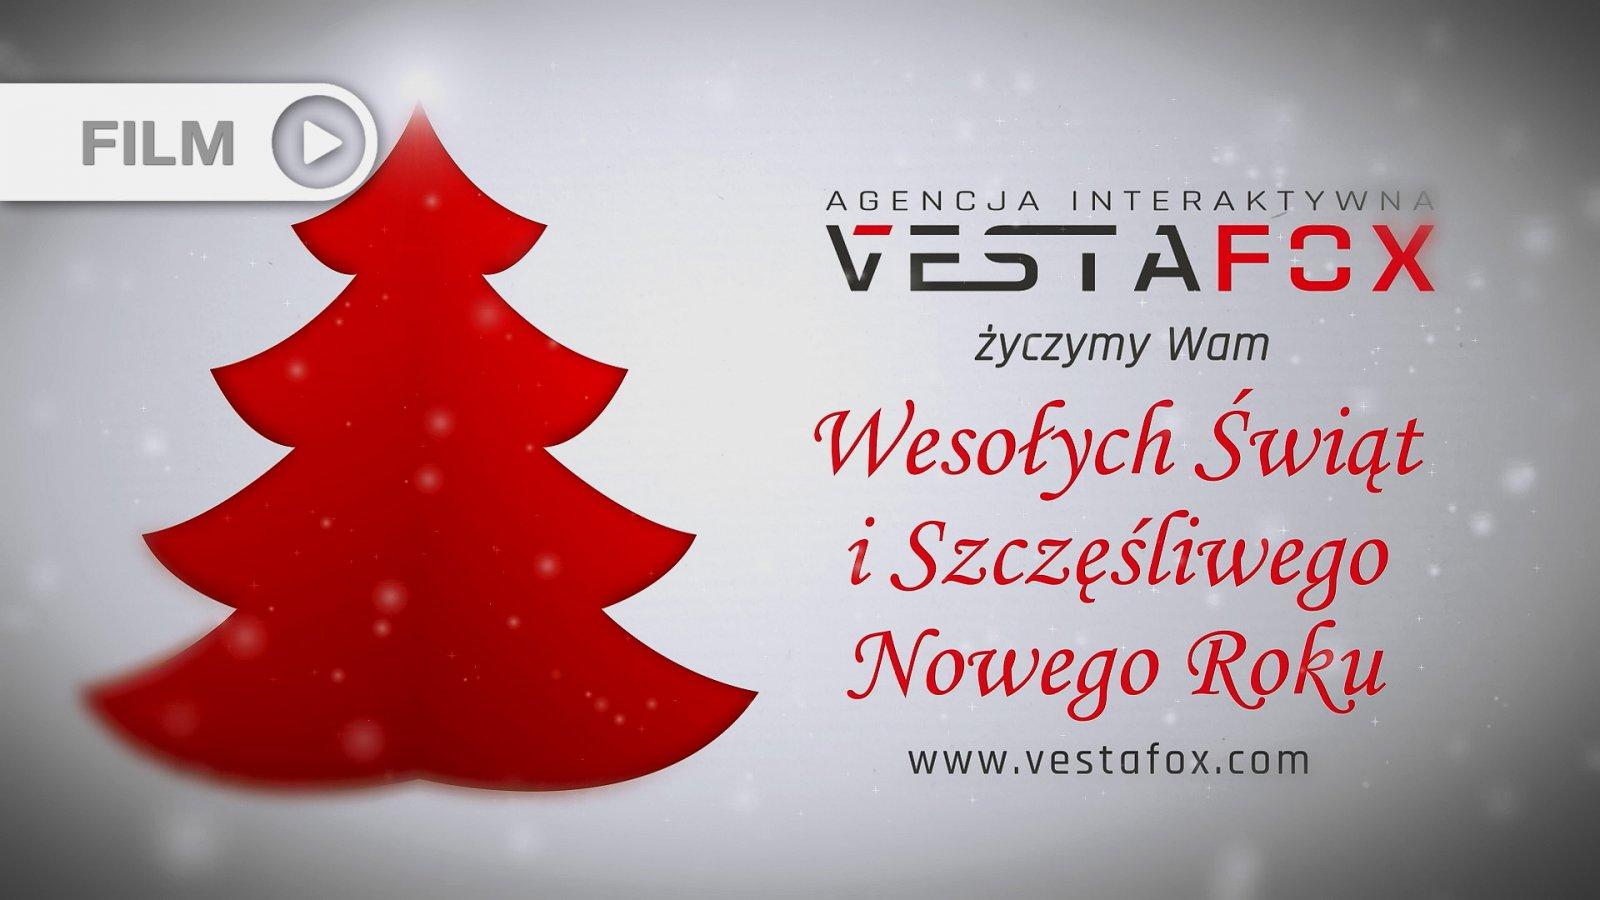 VestaFox - Spot z Życzeniami Świątecznymi